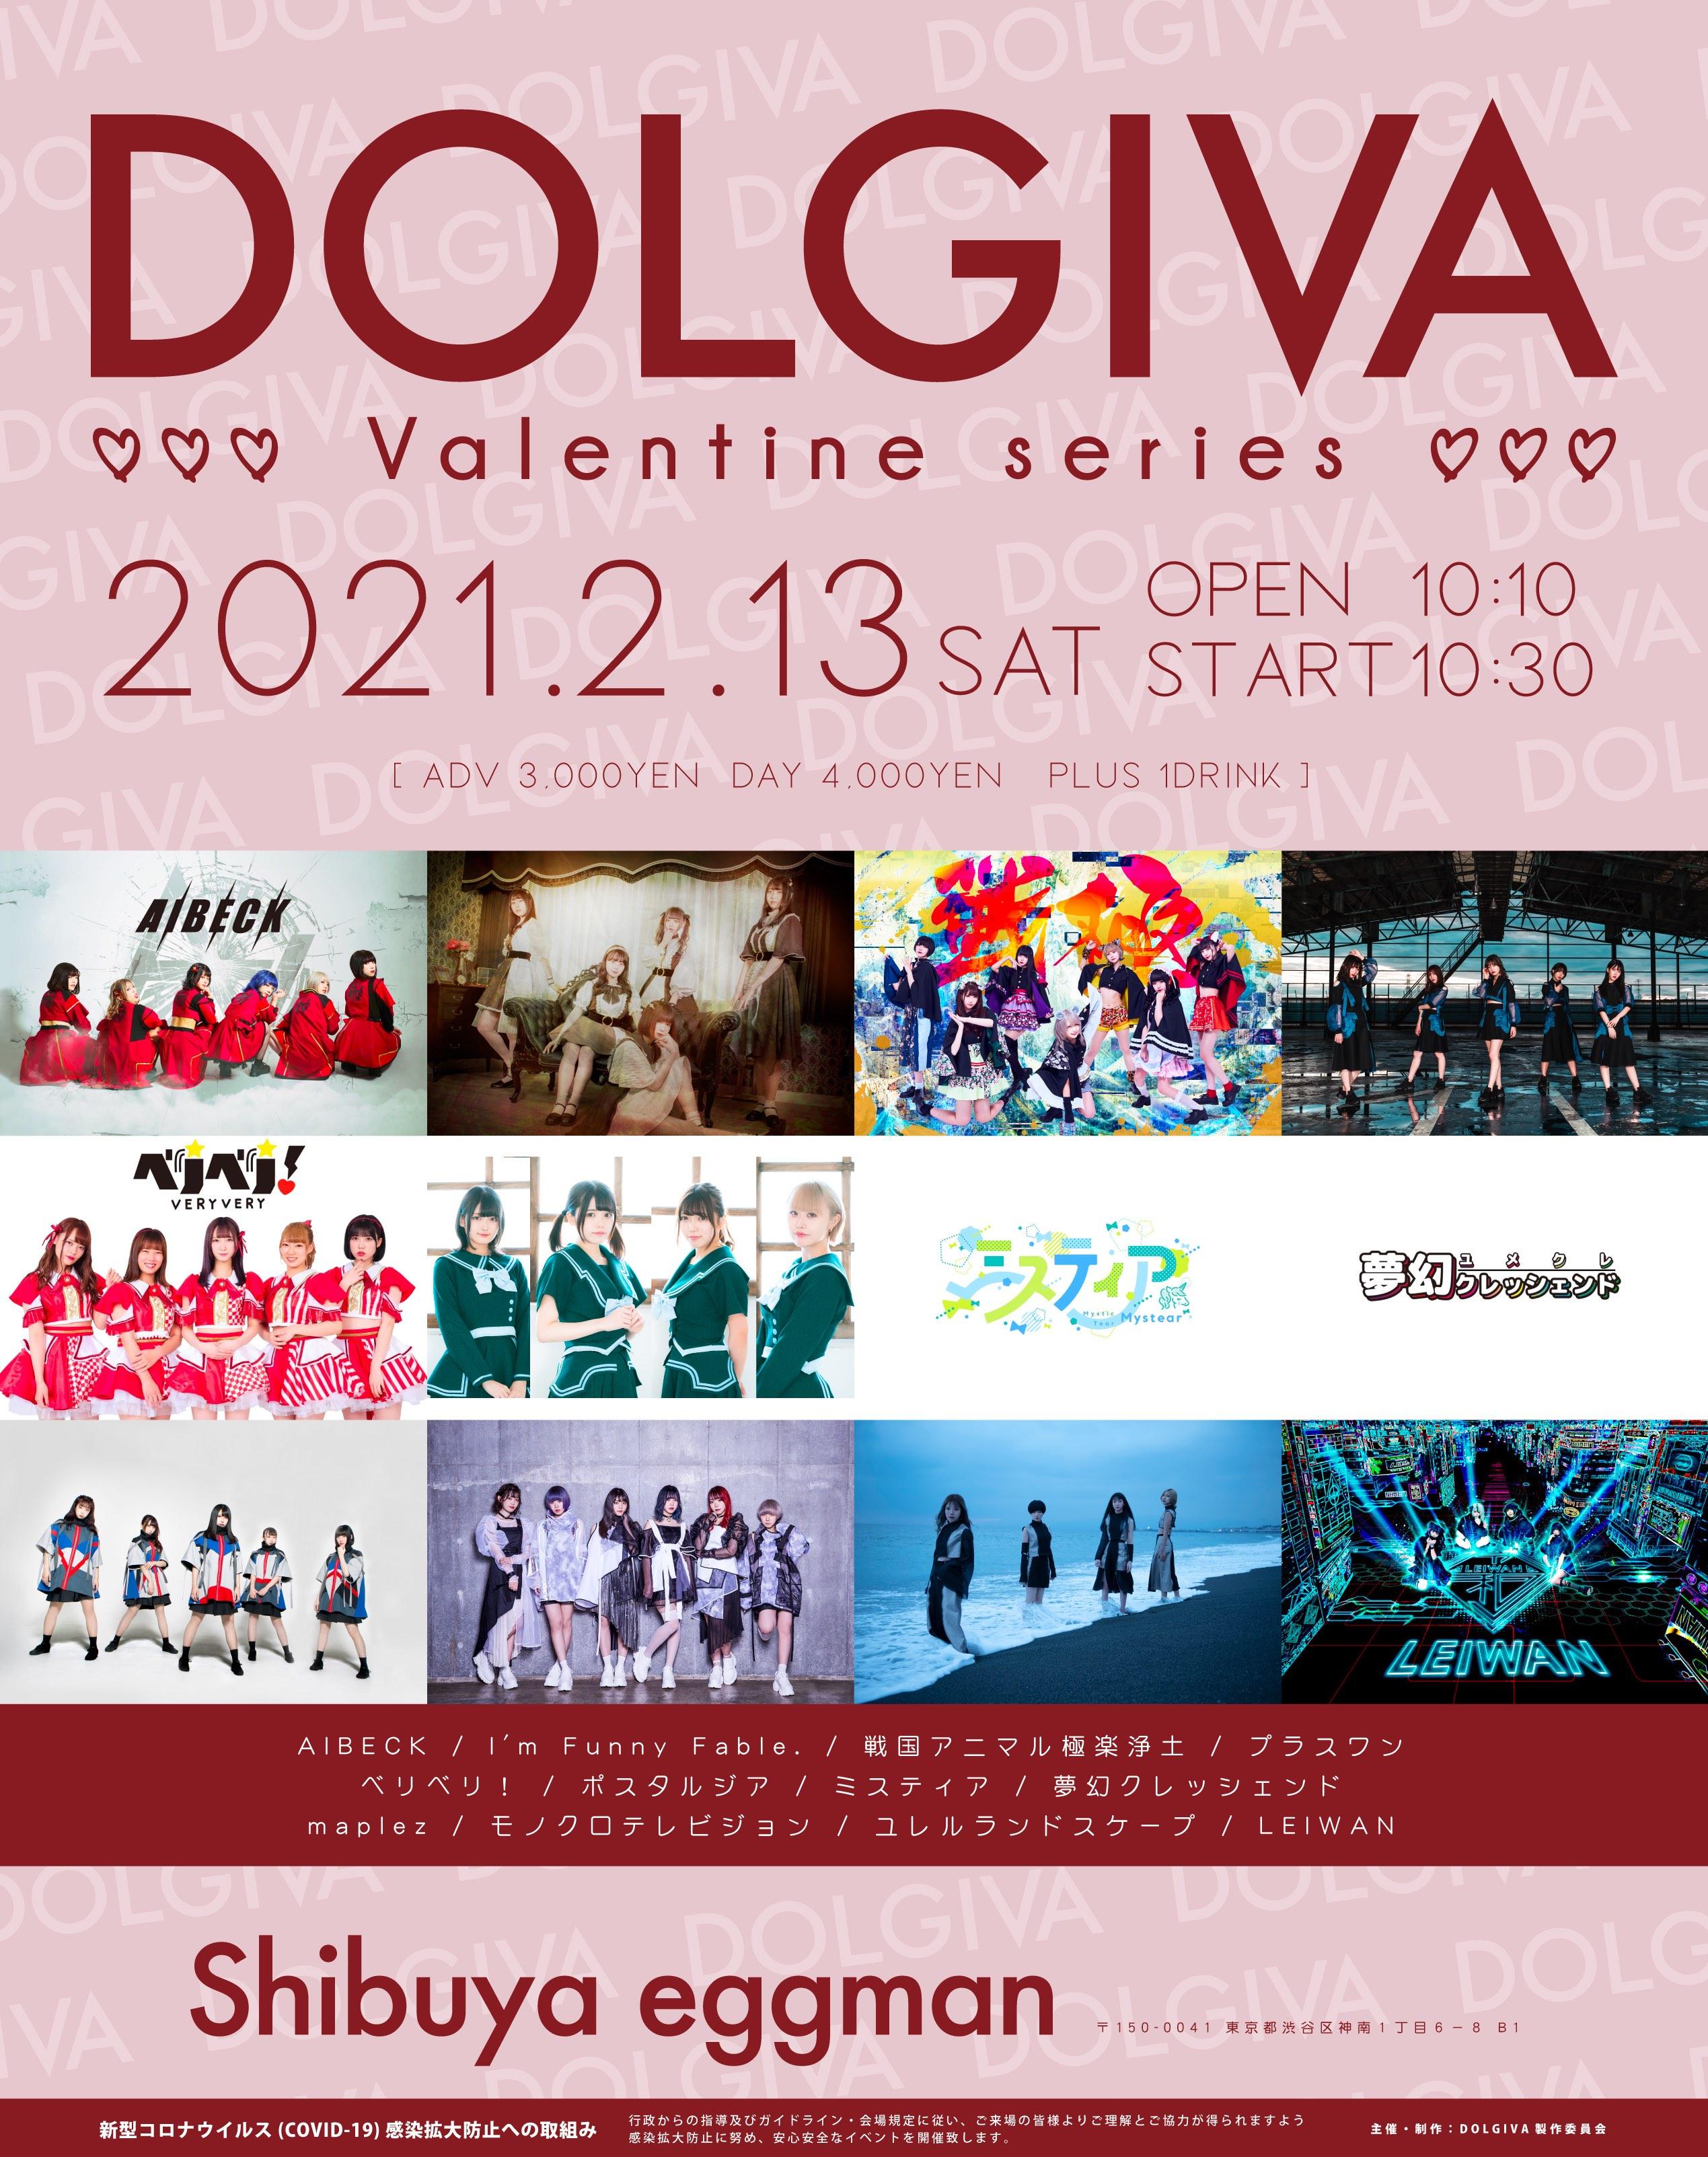 「DOLGIVA - Valentine series」